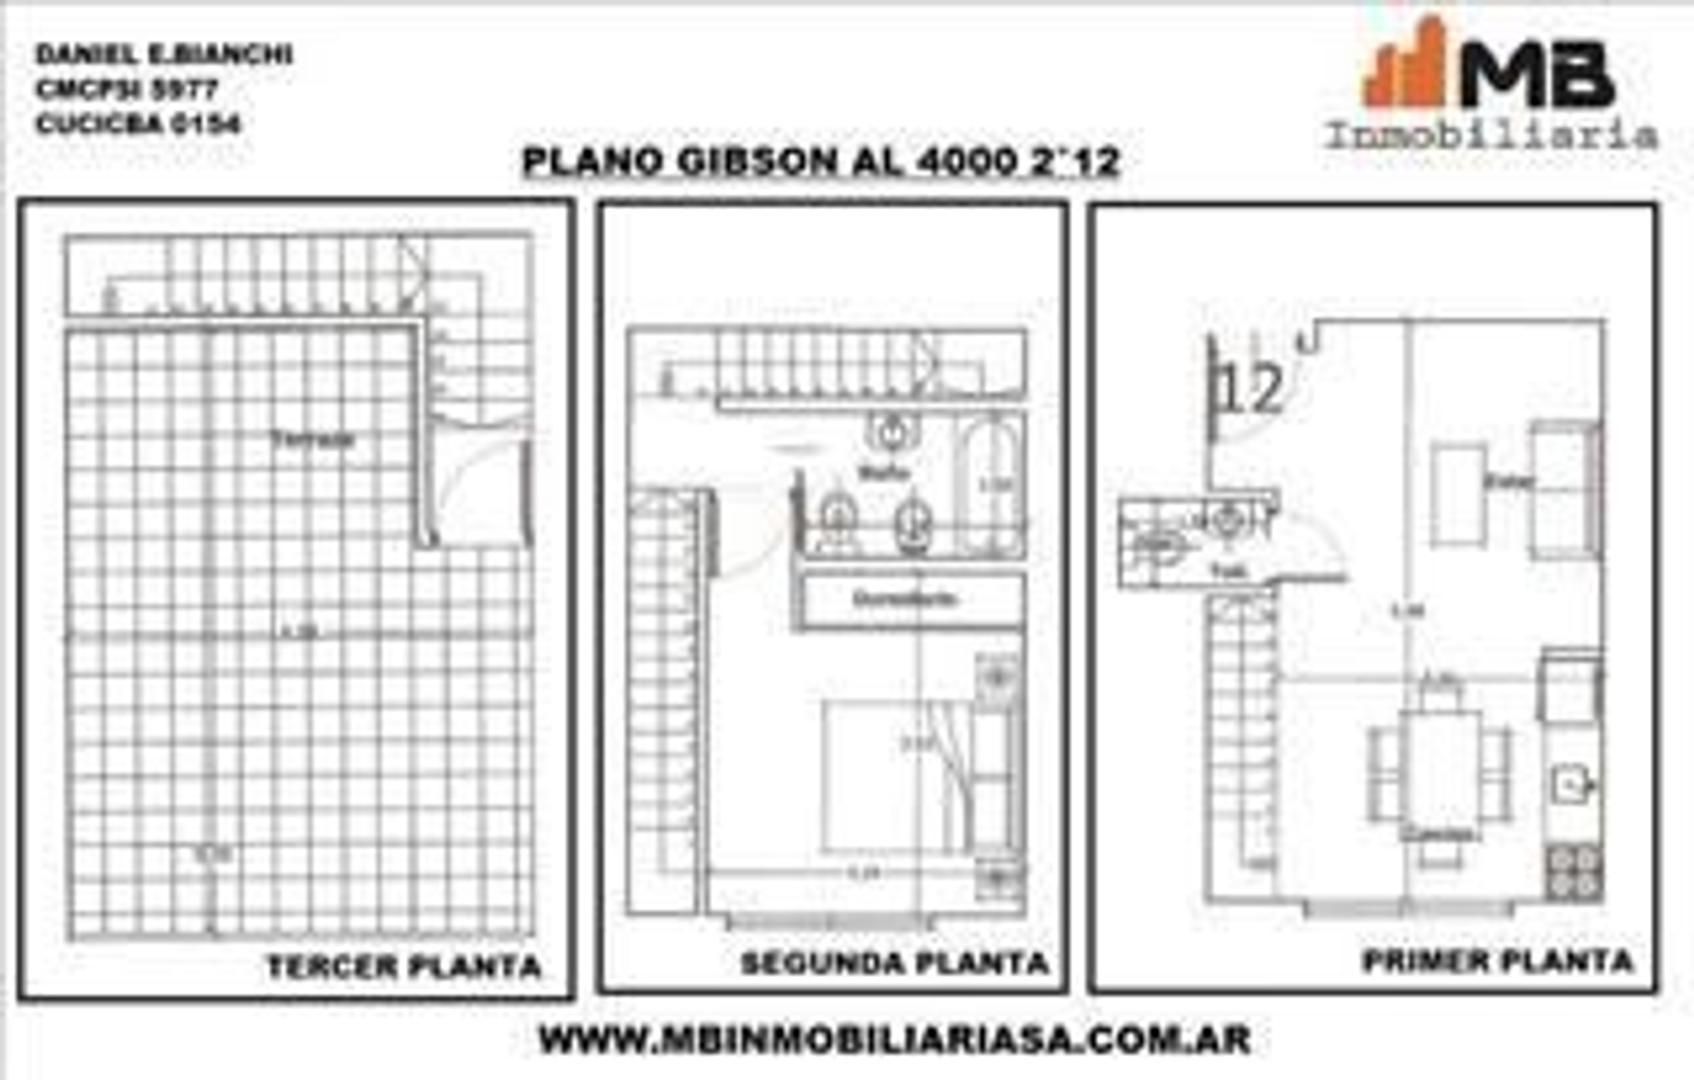 Boedo venta en pozo PH 2 amb.c/terraza en Gibson al 4000 2°12